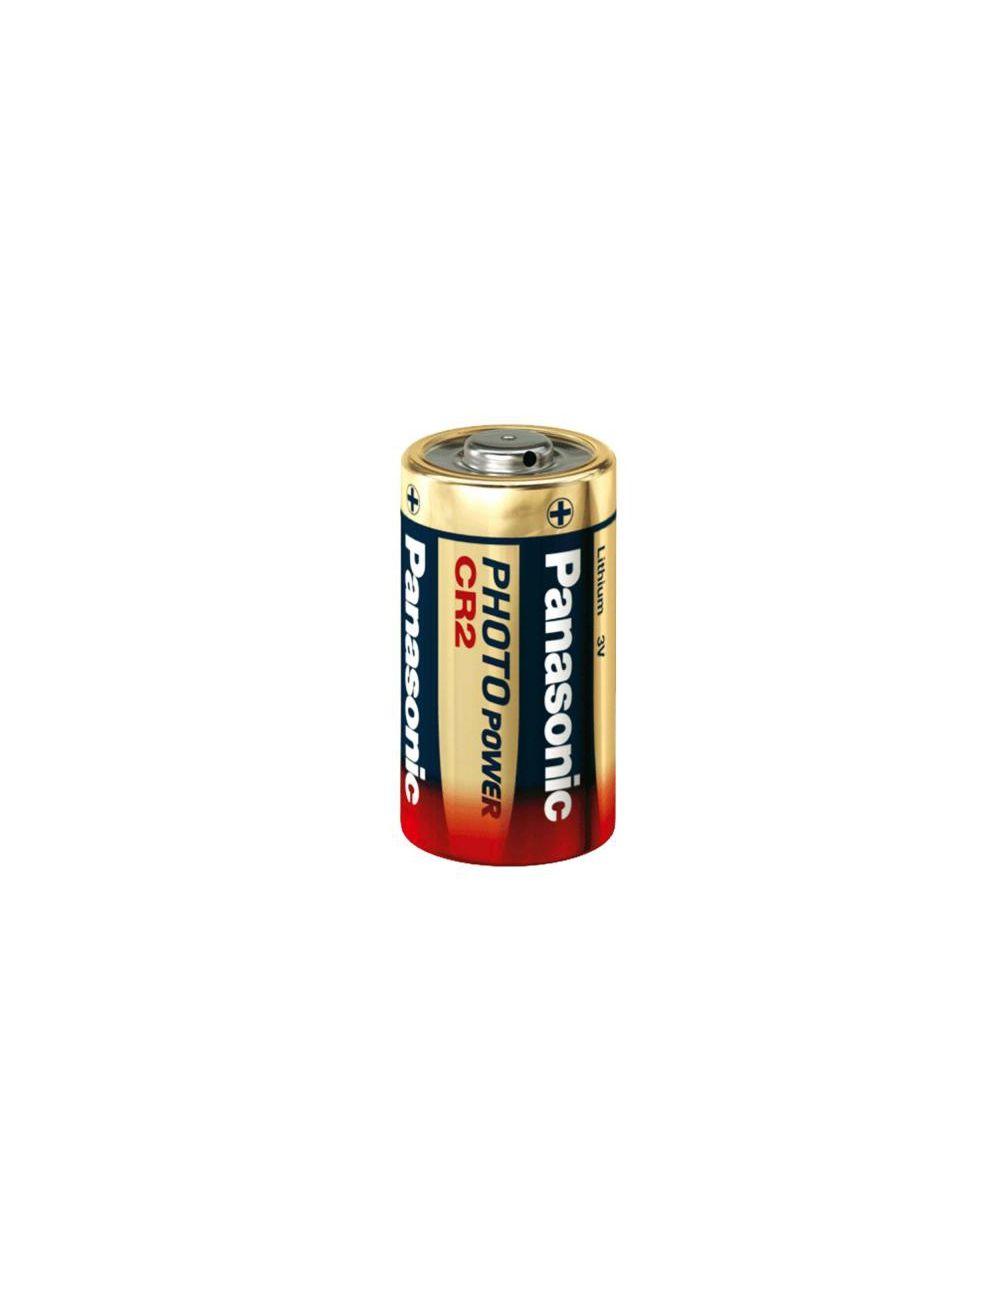 6 stk Panasonic CR 2 litio photo batería 3 voltios 6x